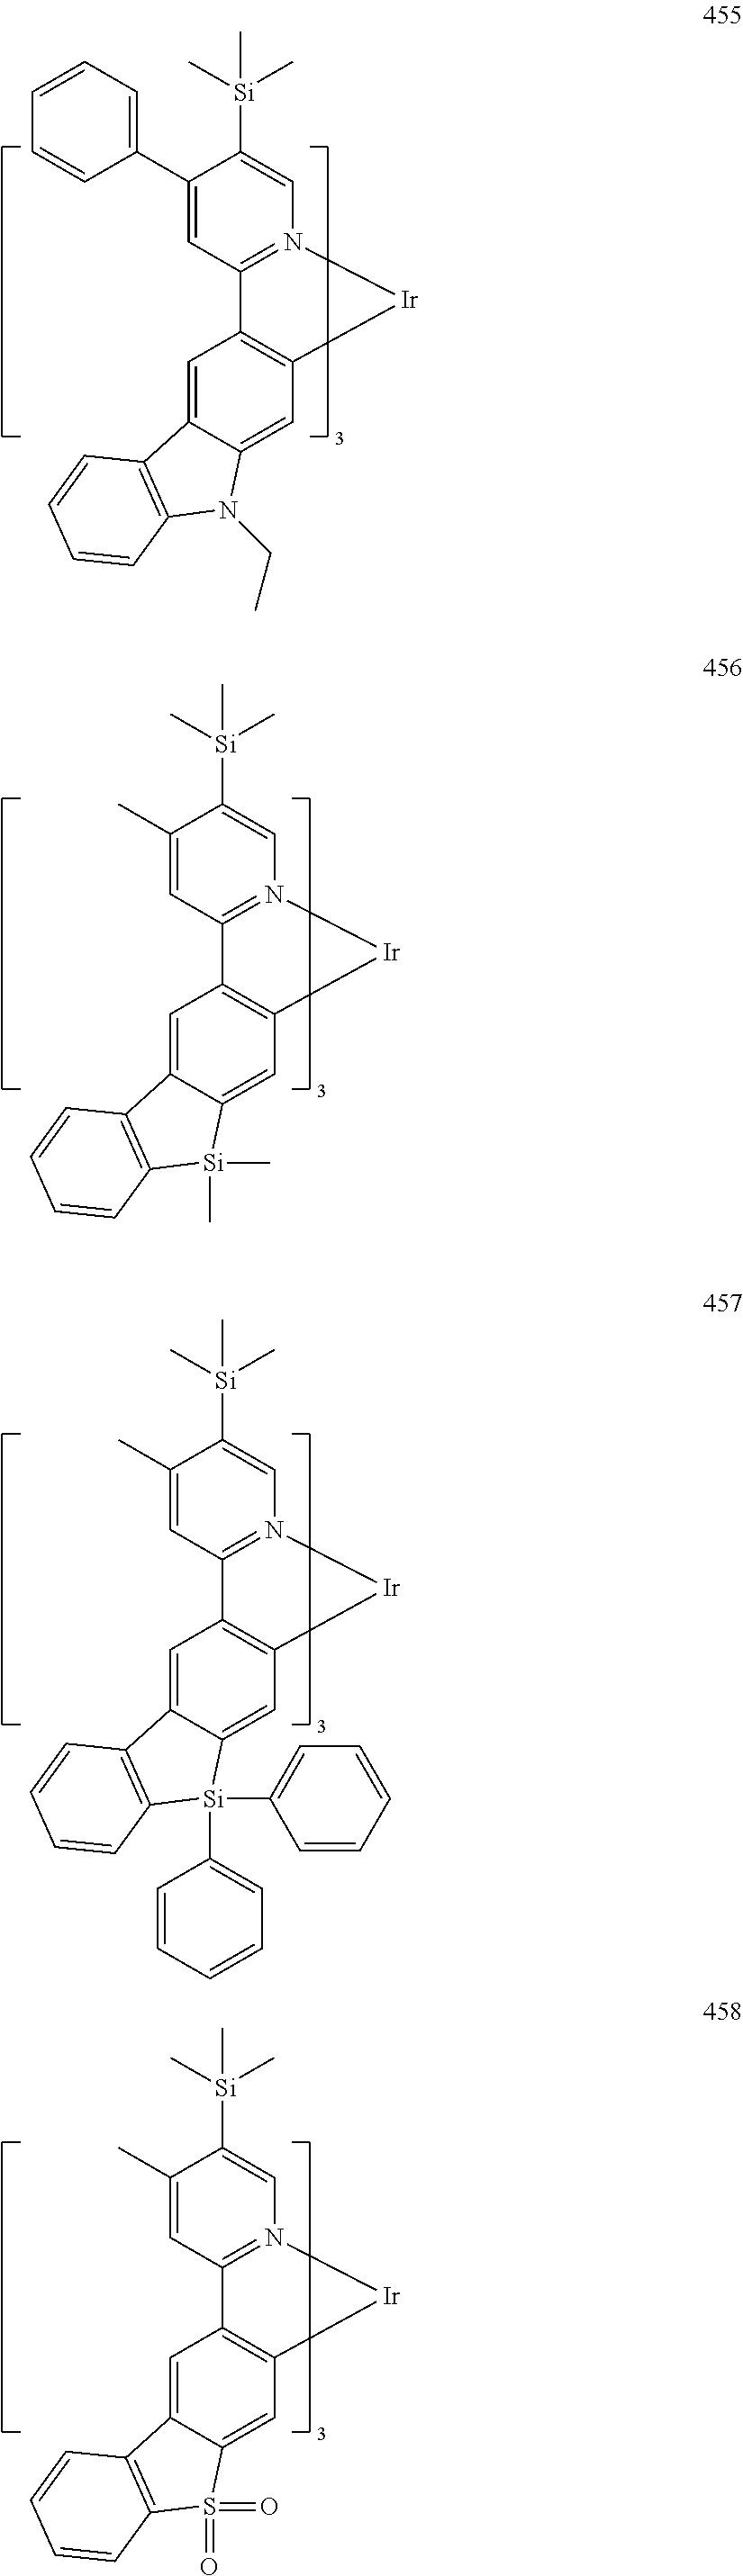 Figure US20160155962A1-20160602-C00453